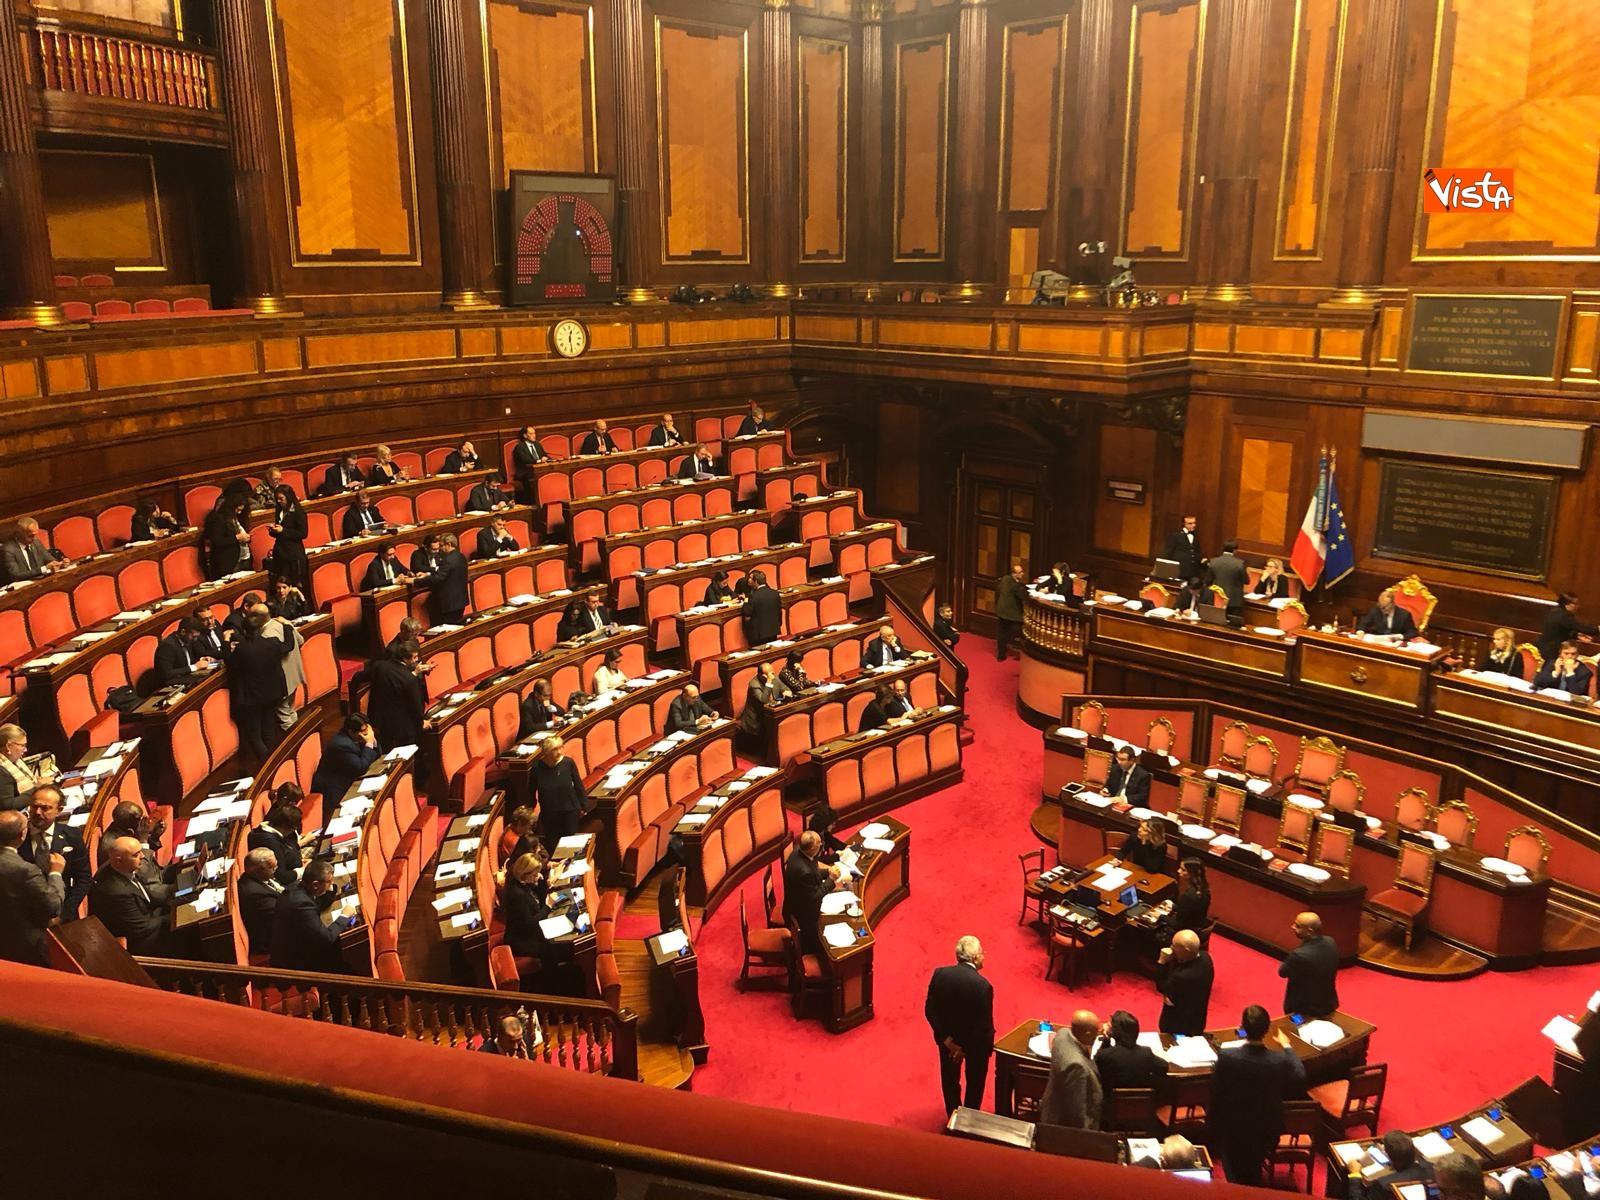 L'aula del Senato_08